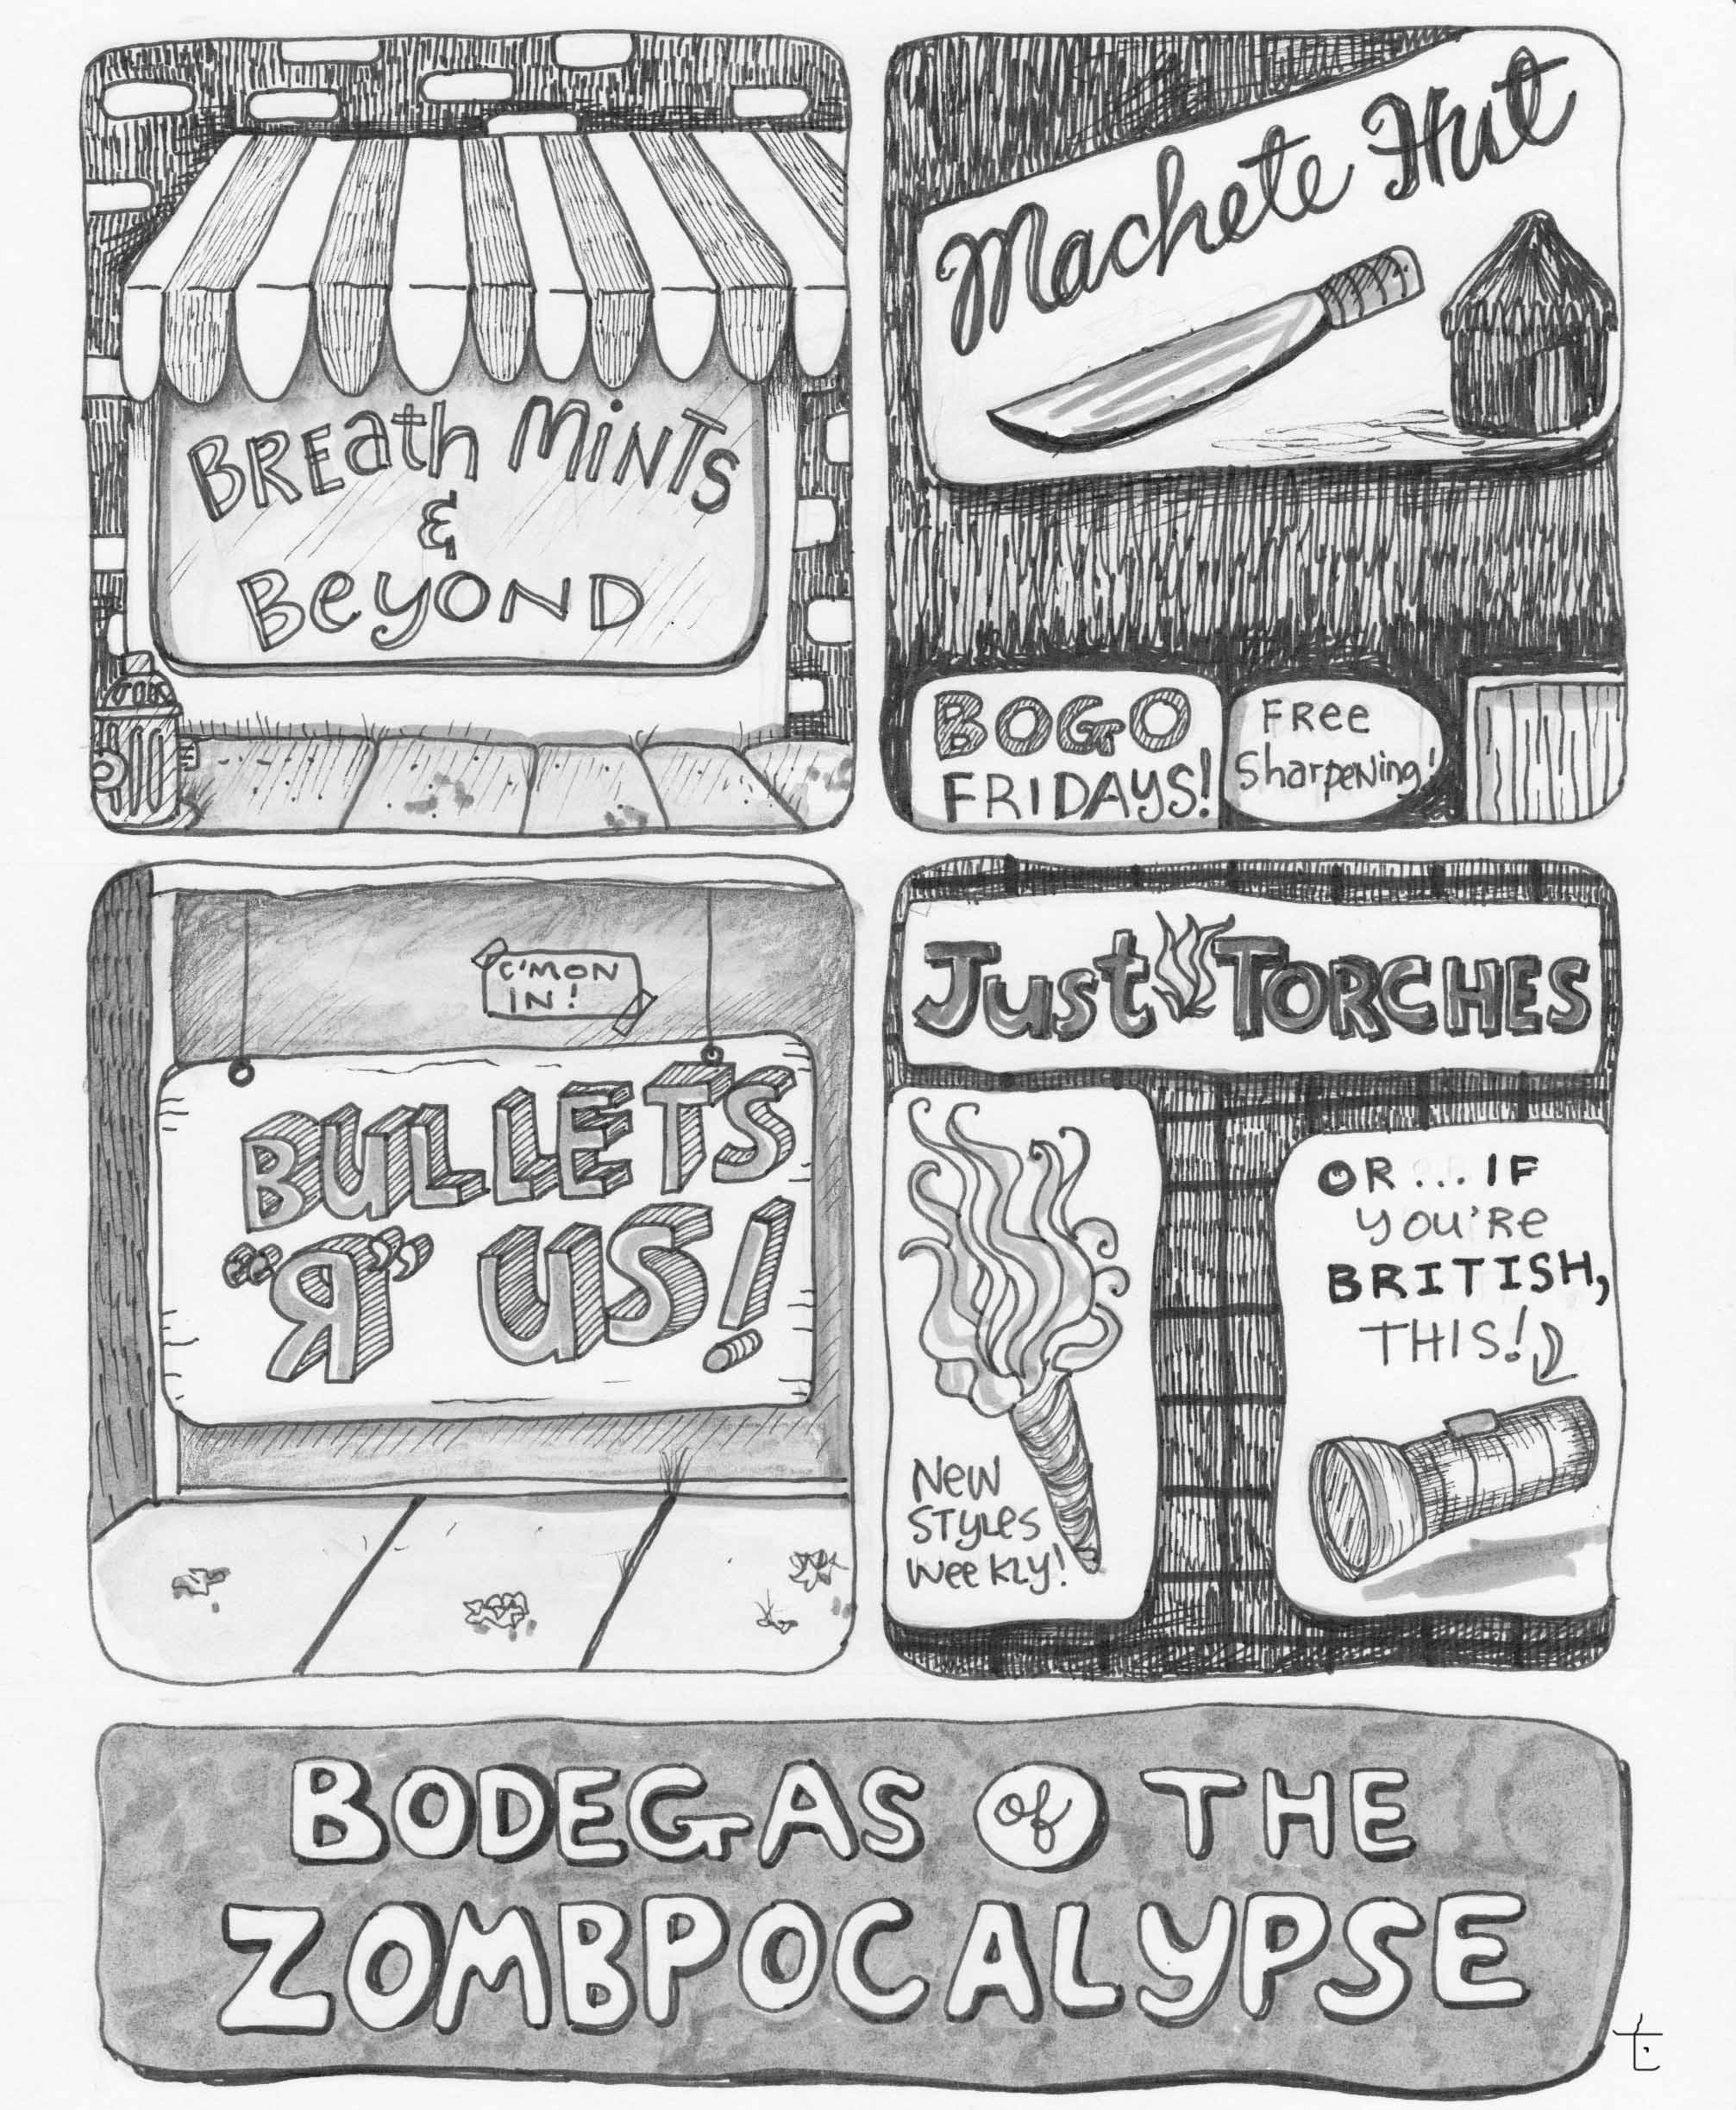 Bodegas of the Zombpocalypse.jpg